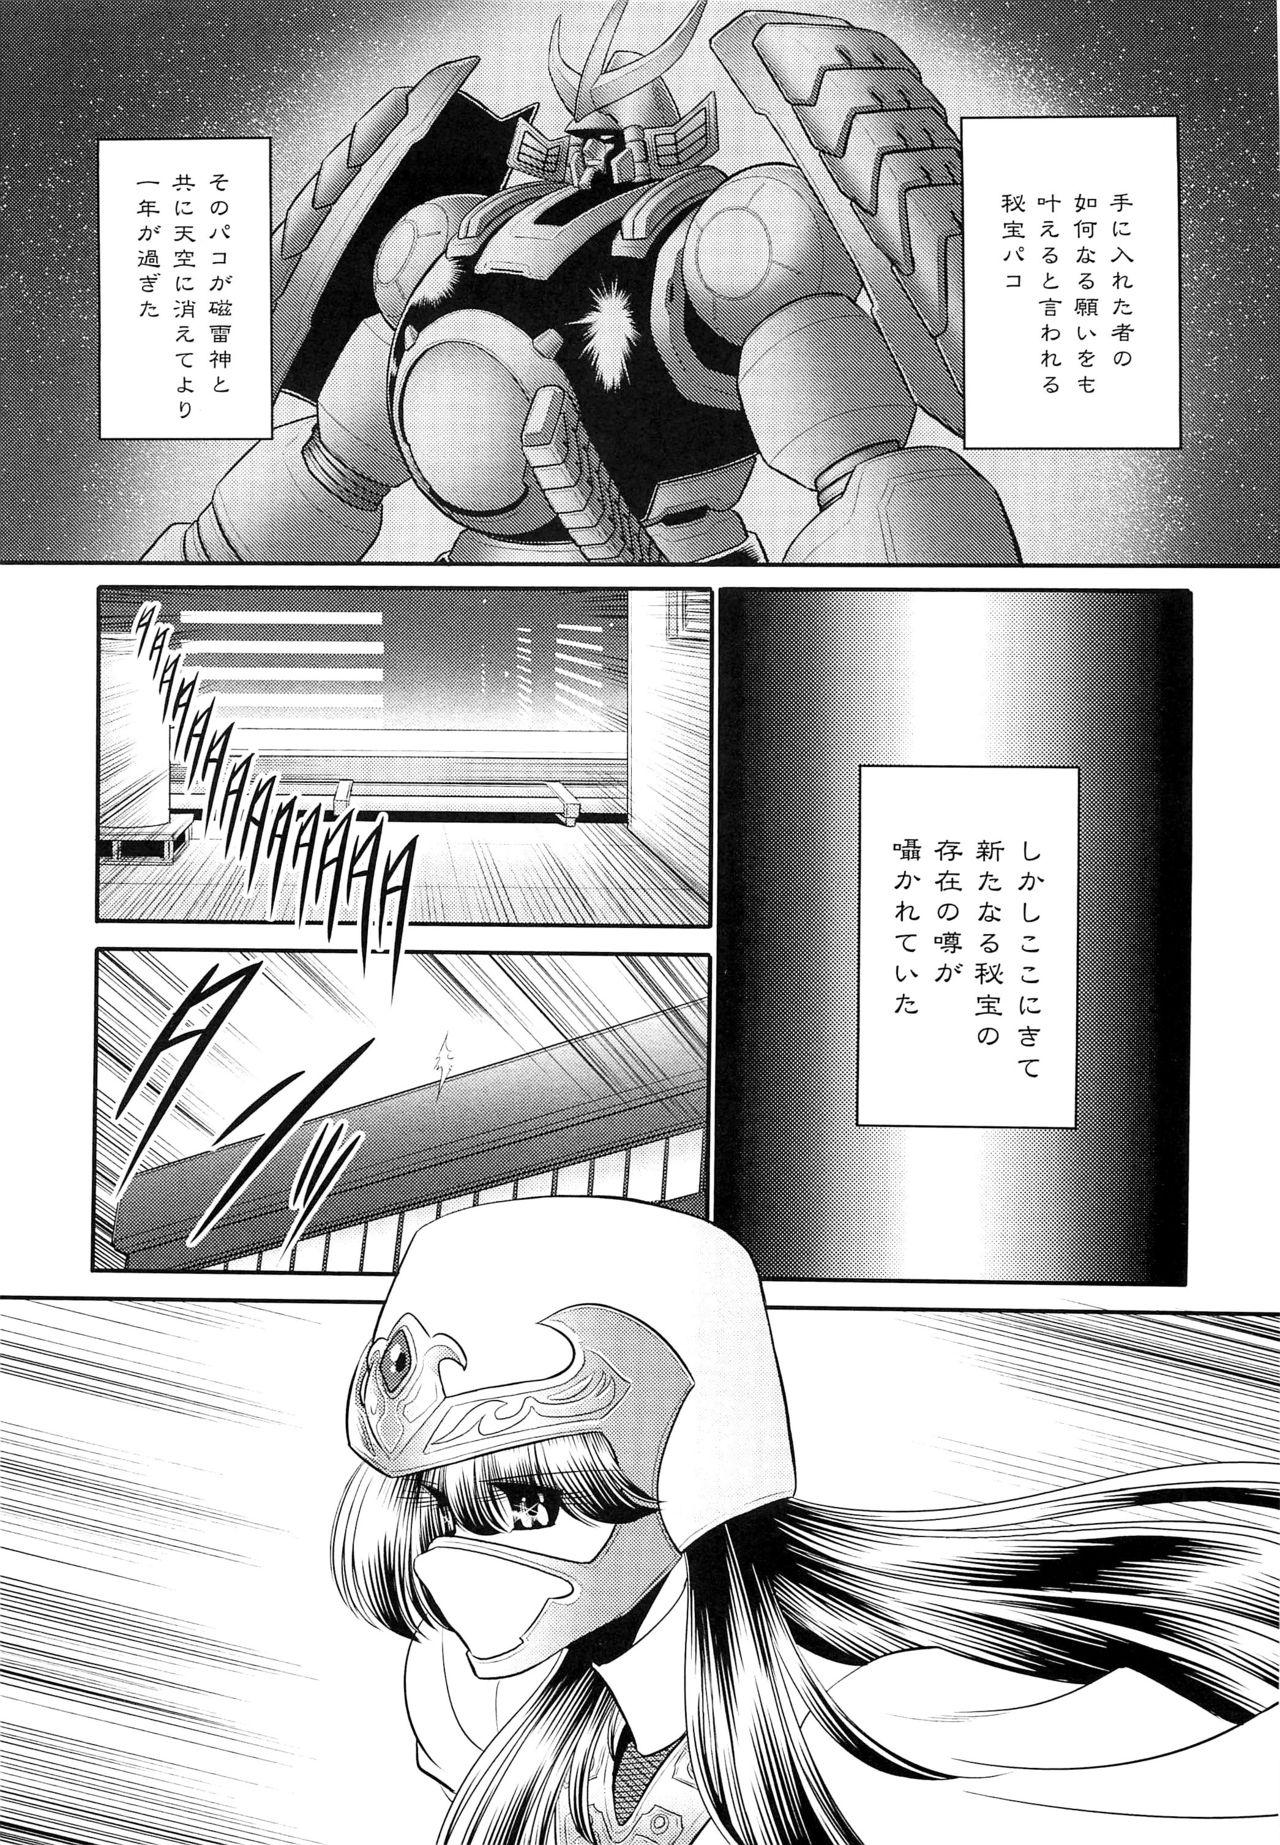 Himenin Hana Fubuki 3